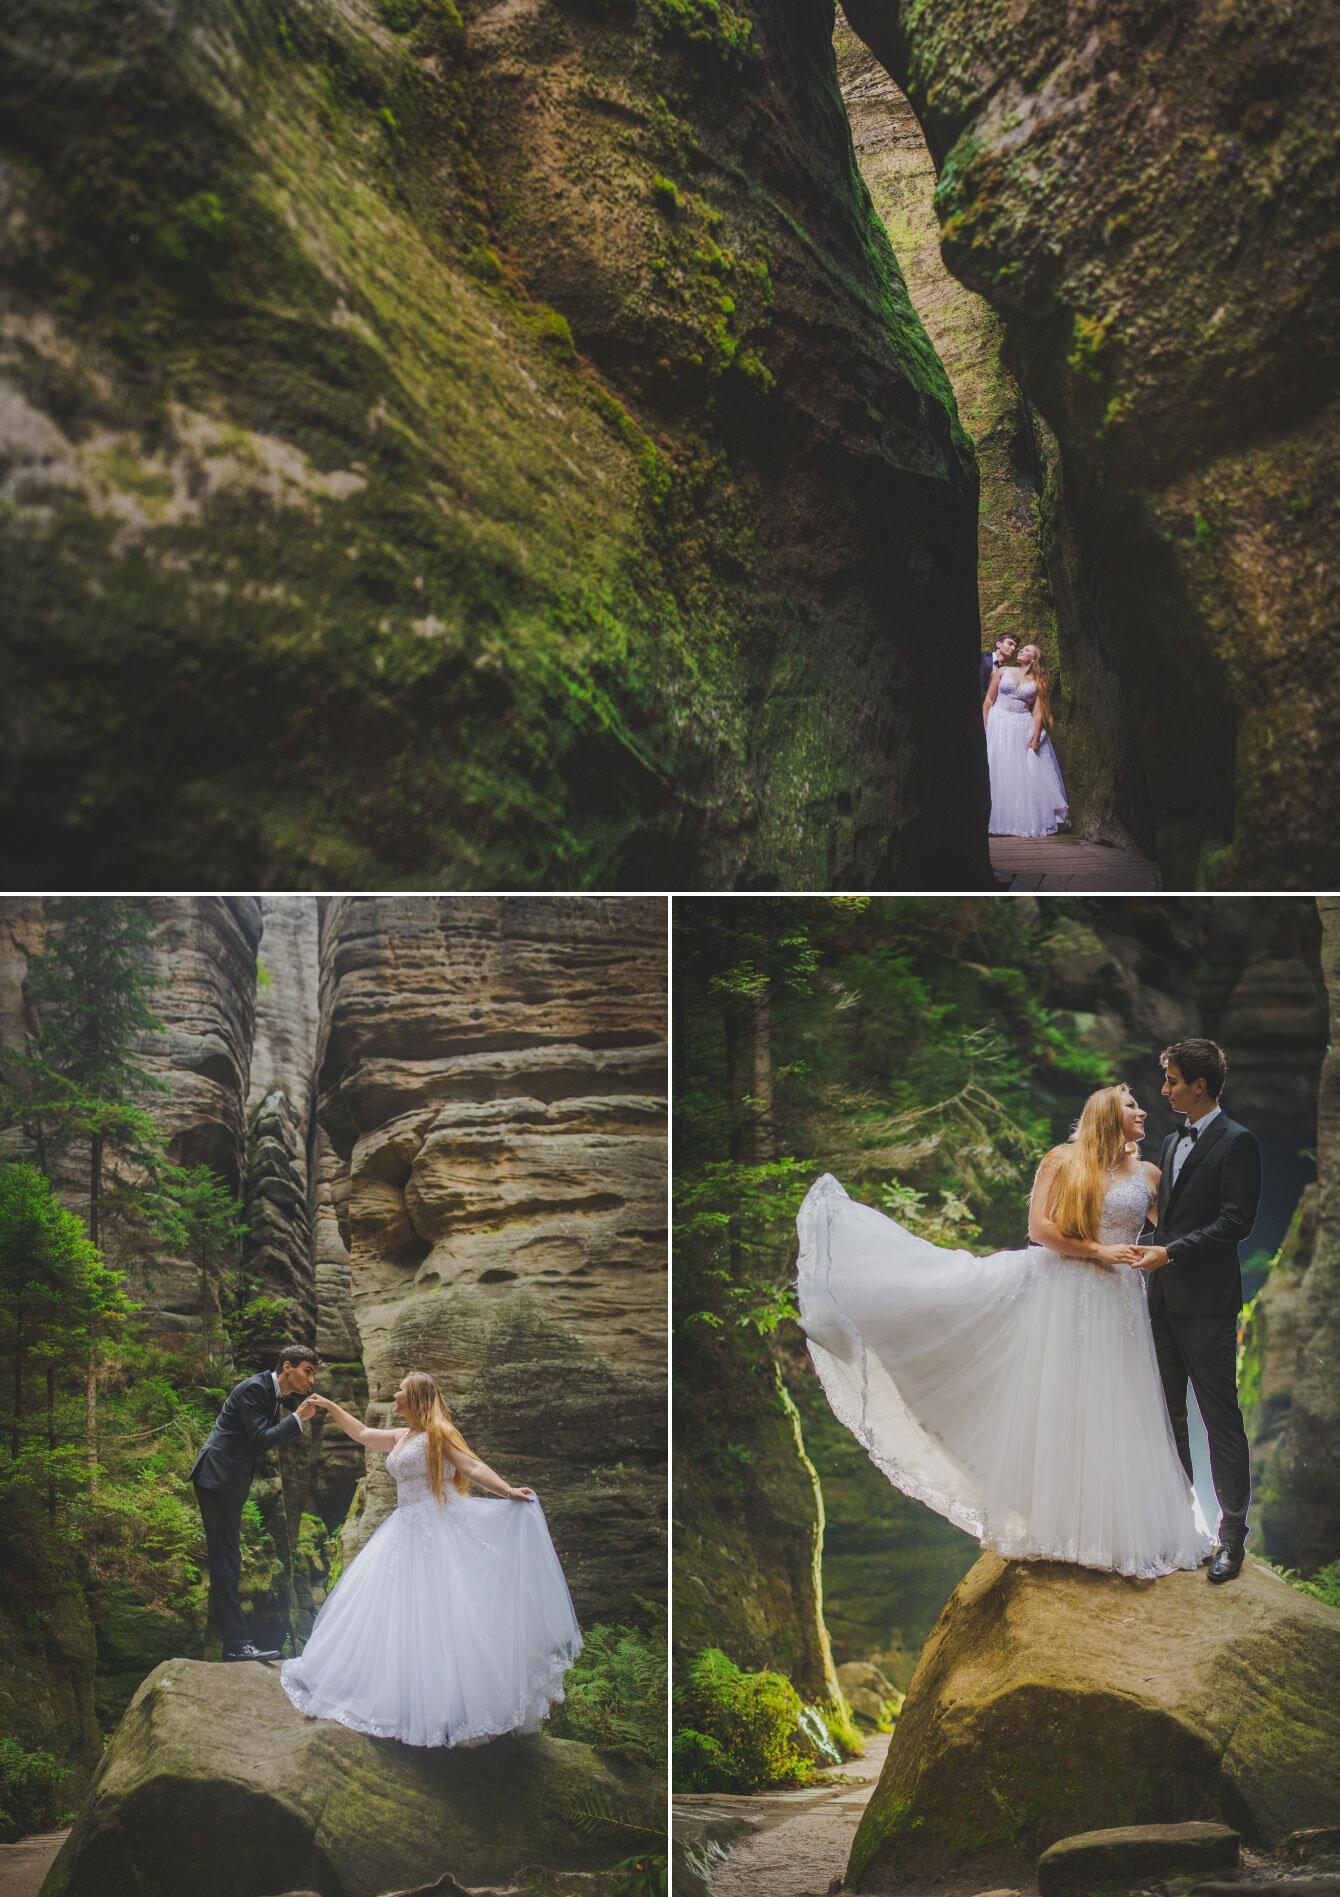 plener-ślubny-w-skalnym-miescie-w-czechach-fotografie-Bartek-Wyrobek--8.jpg